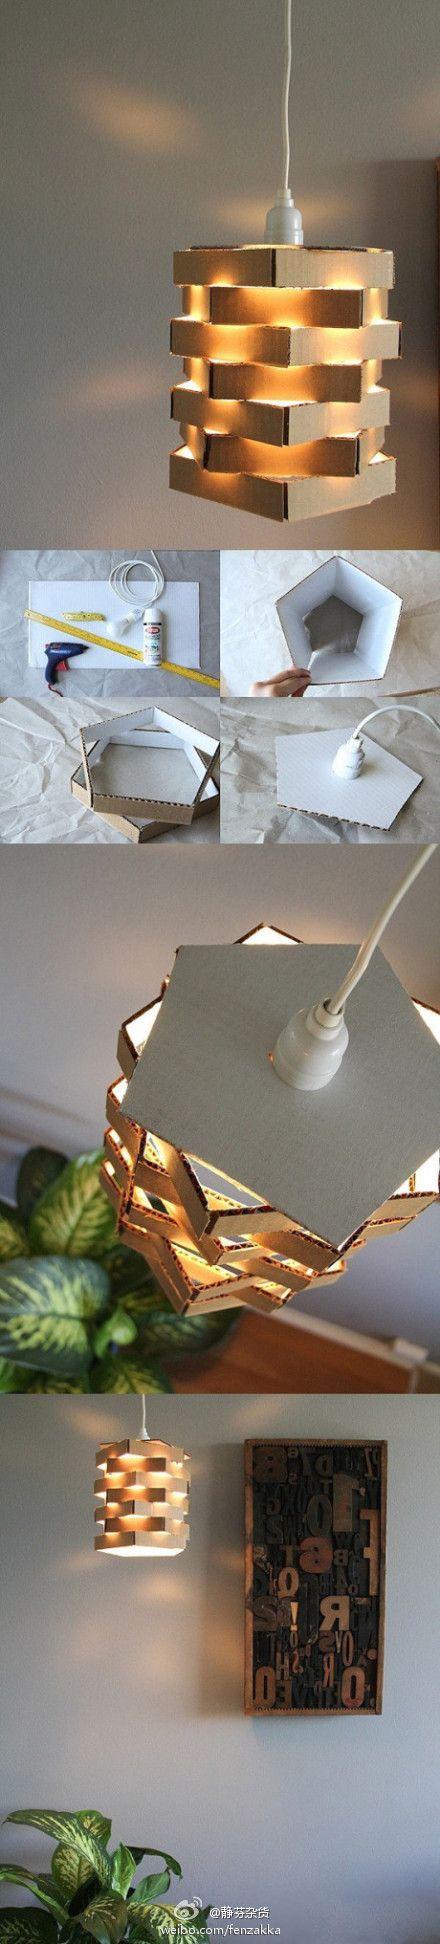 教你DIY瓦楞纸手工灯罩~让家居生活中充满小小的惊喜吧!